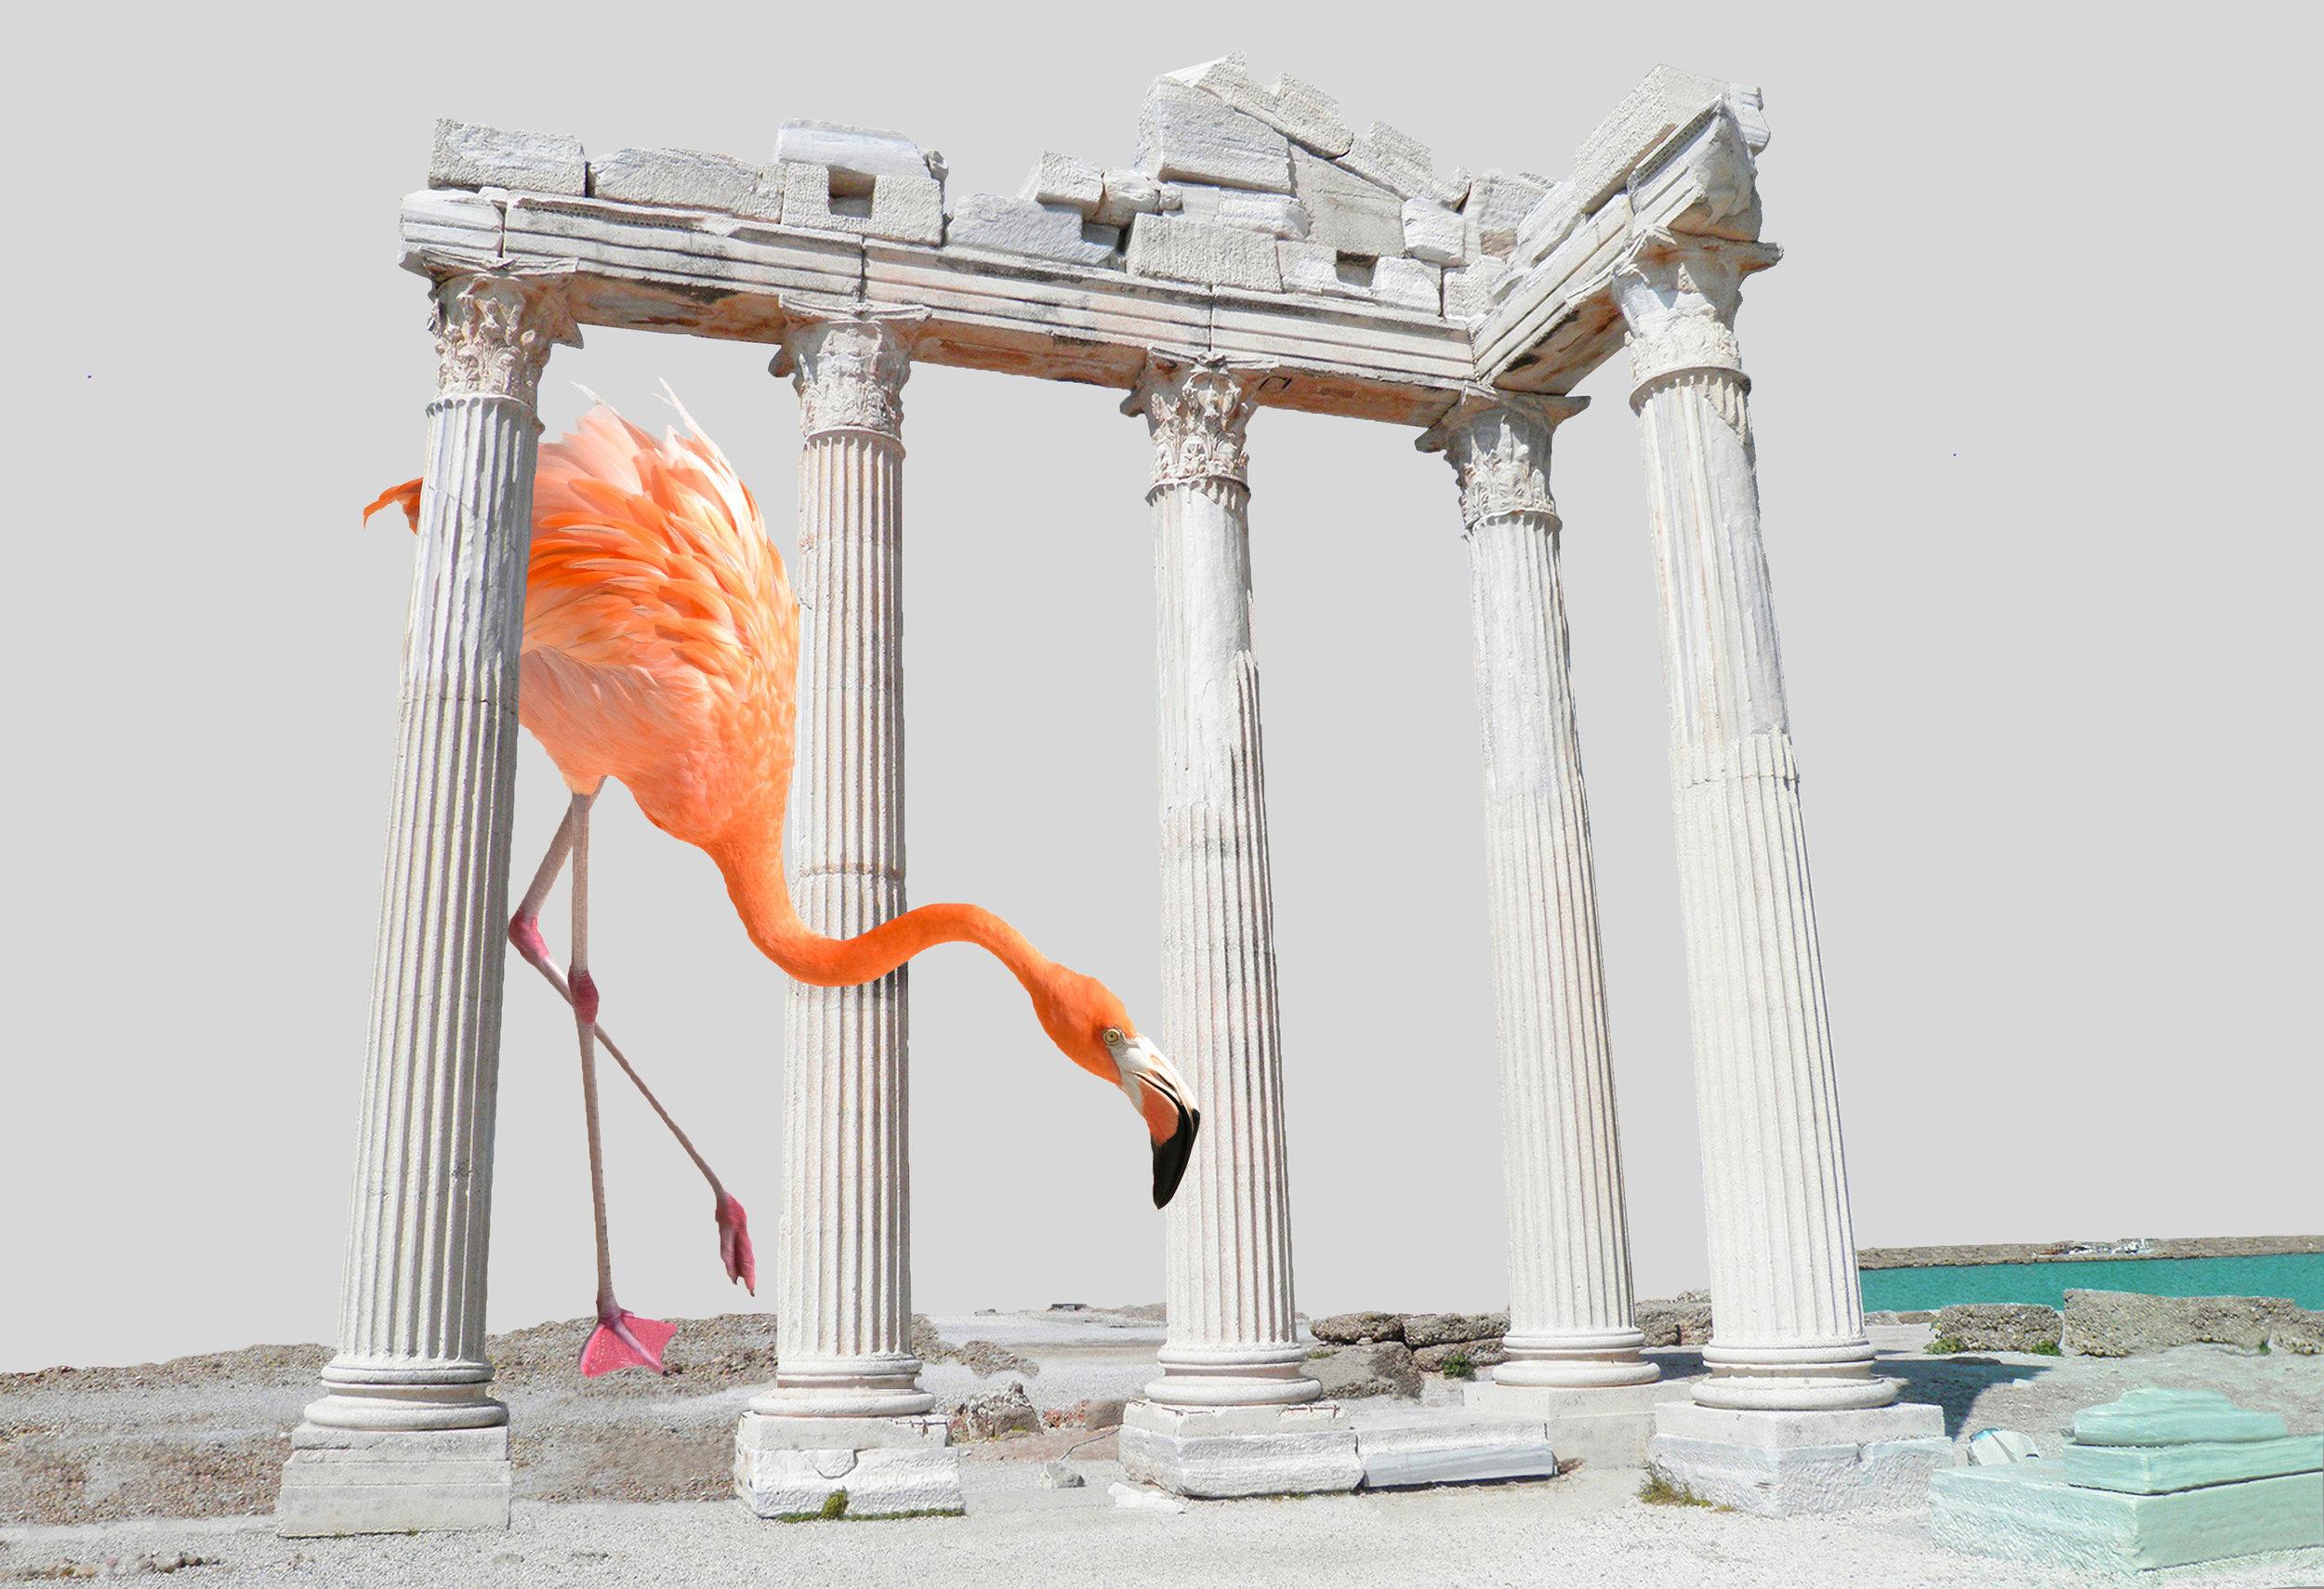 Flamingo_original.jpg